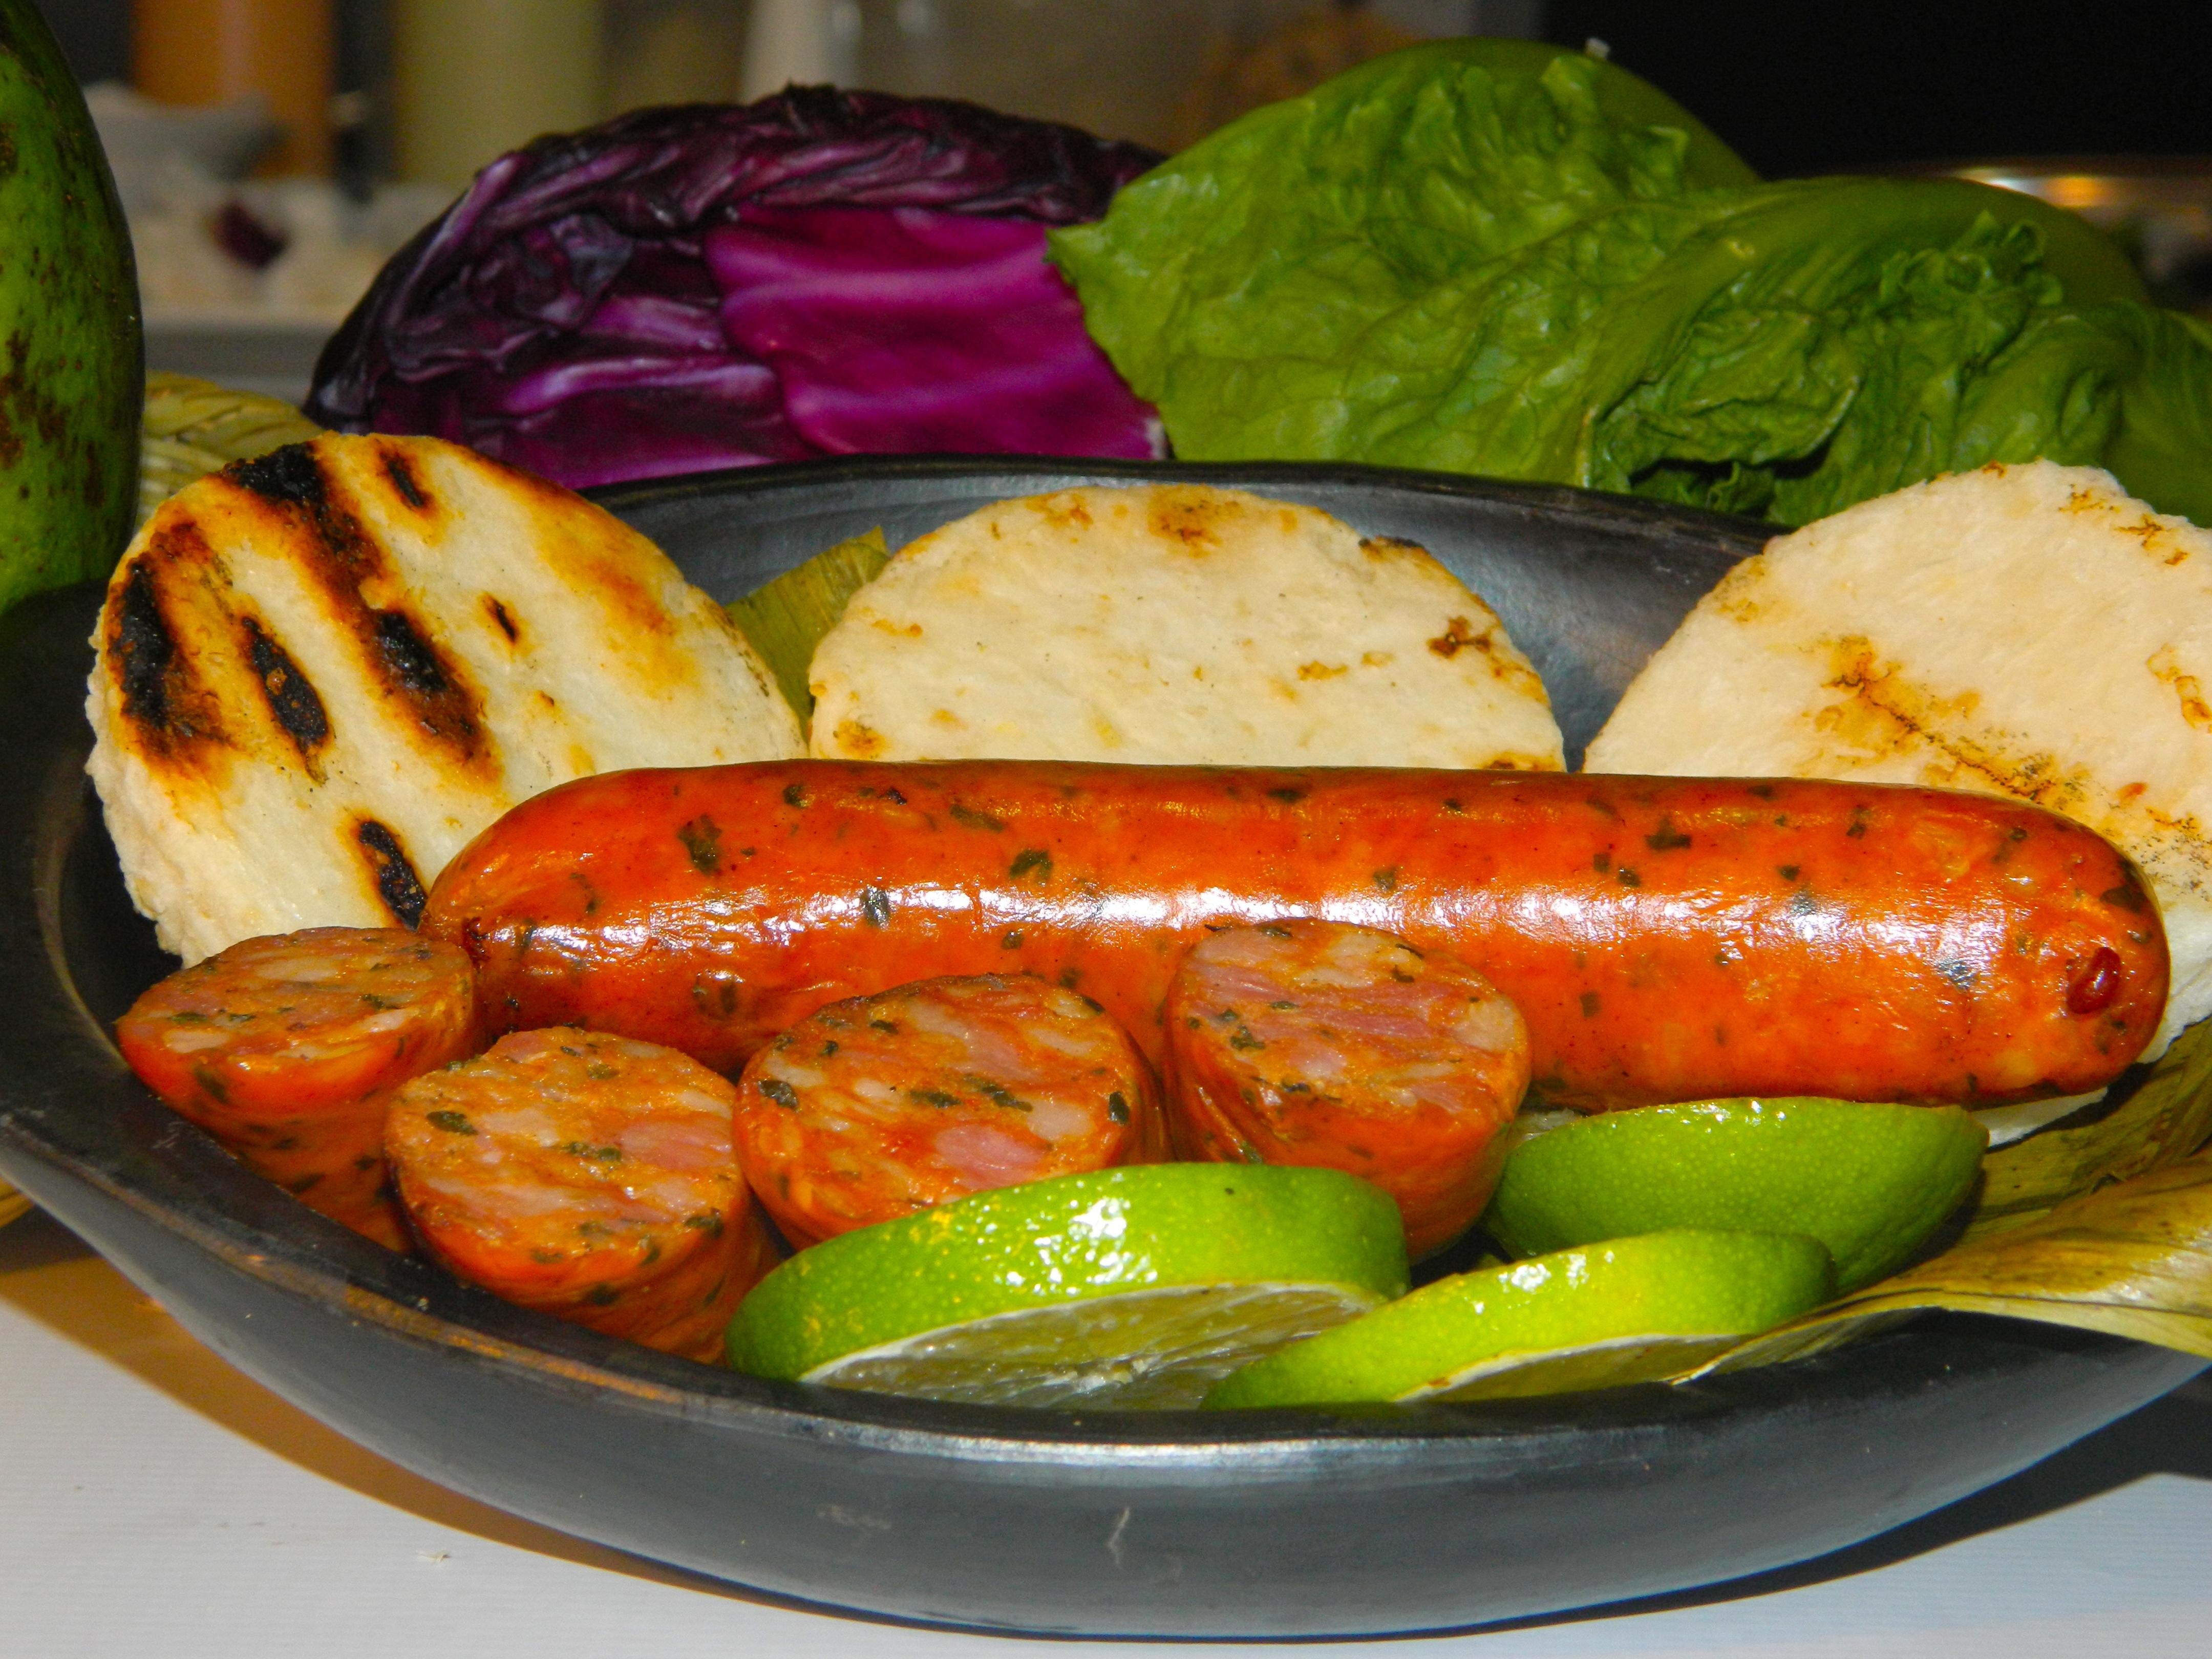 Images Gratuites Restaurant Plat Repas Aliments Cuisine